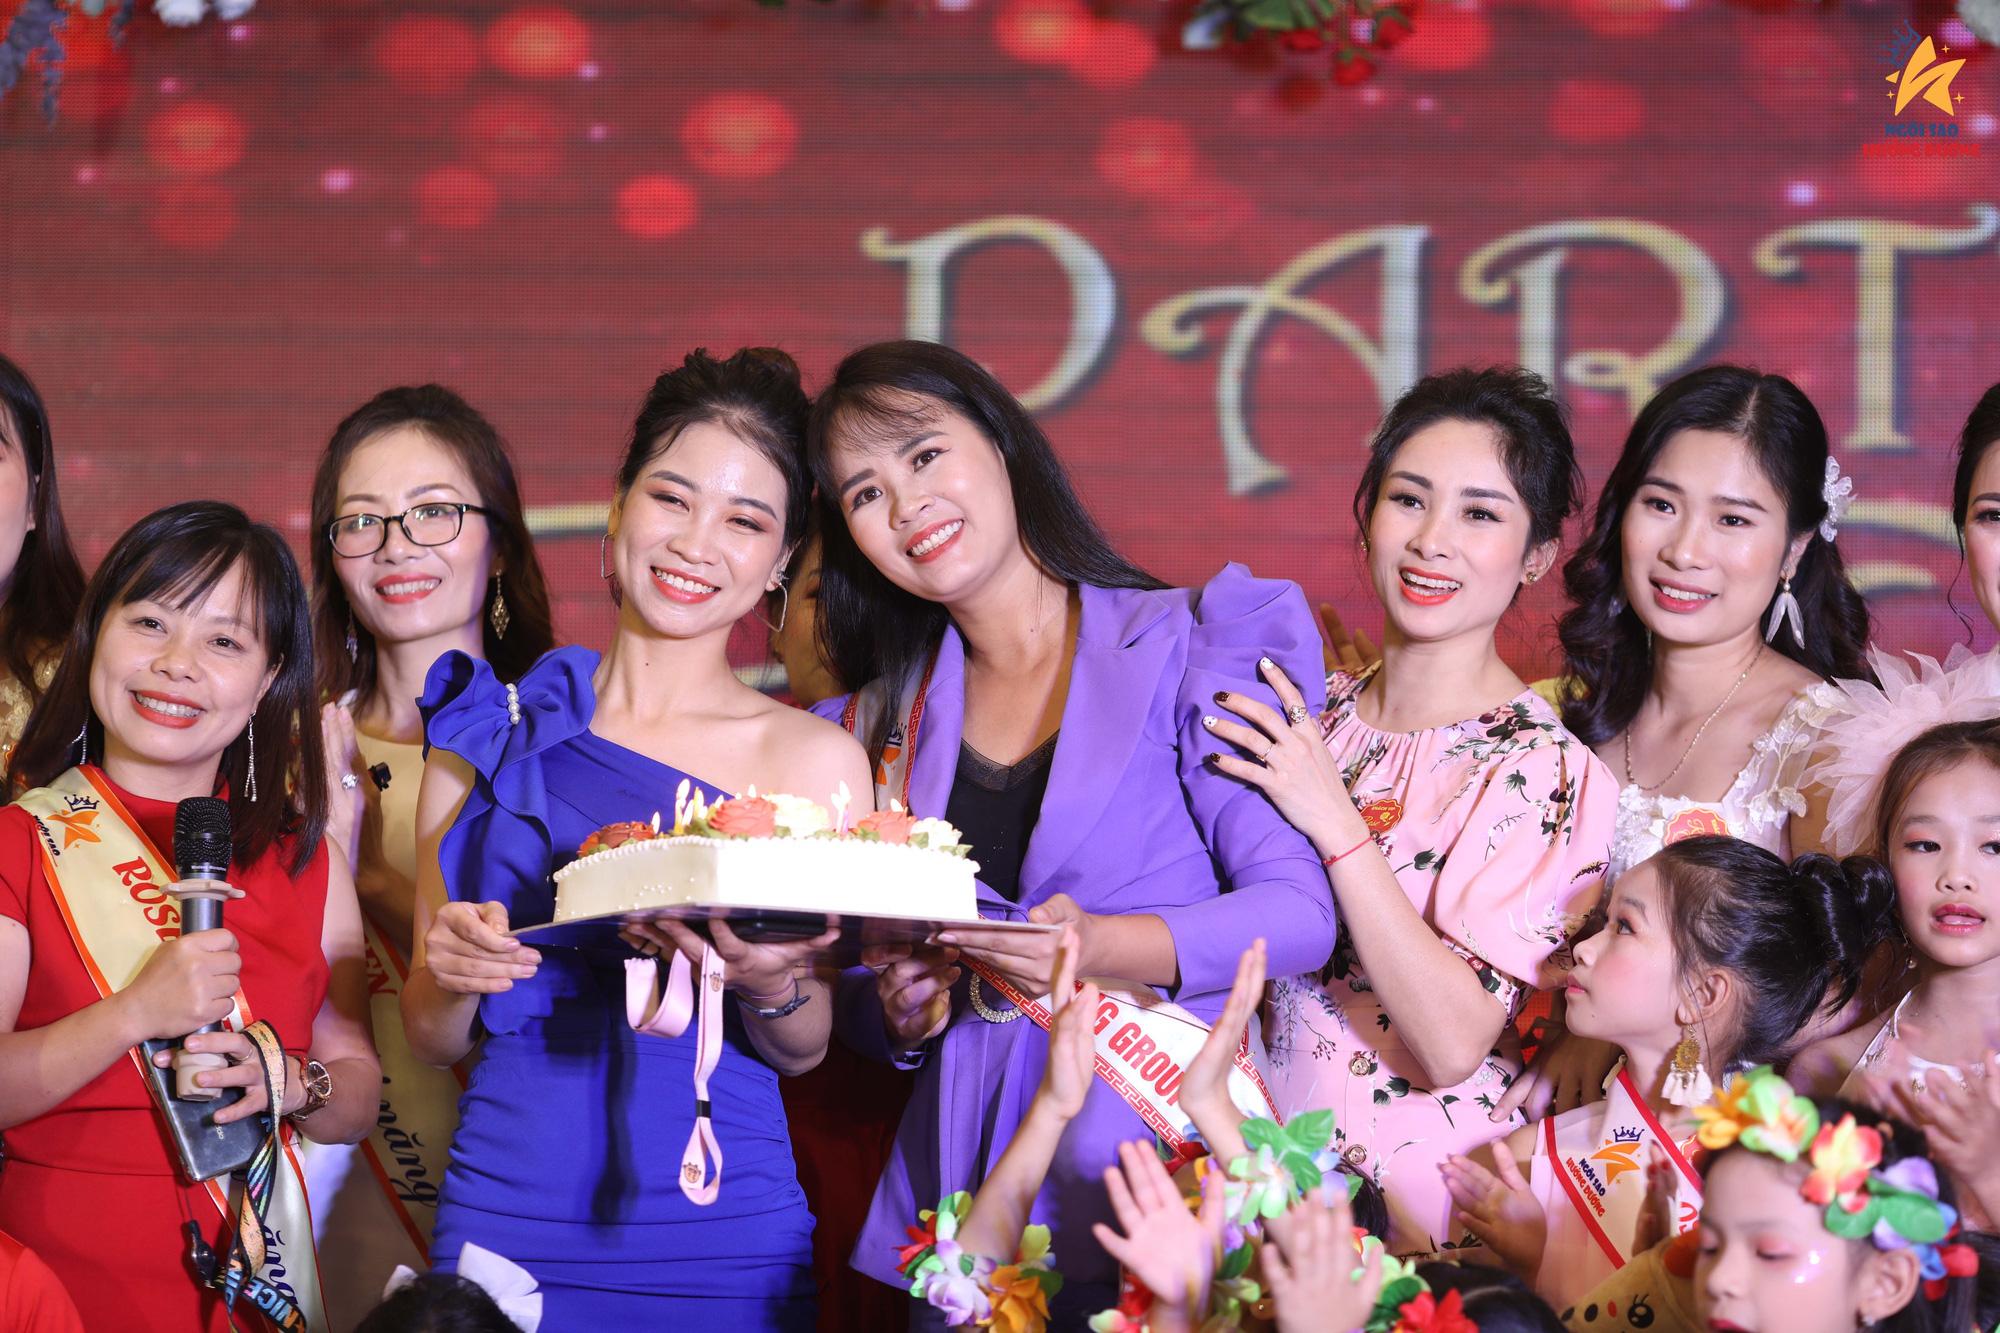 Nhà thơ Phạm Thị Ngọc Thanh làm thơ tặng phụ nữ nhân dịp 20/10 - Ảnh 2.